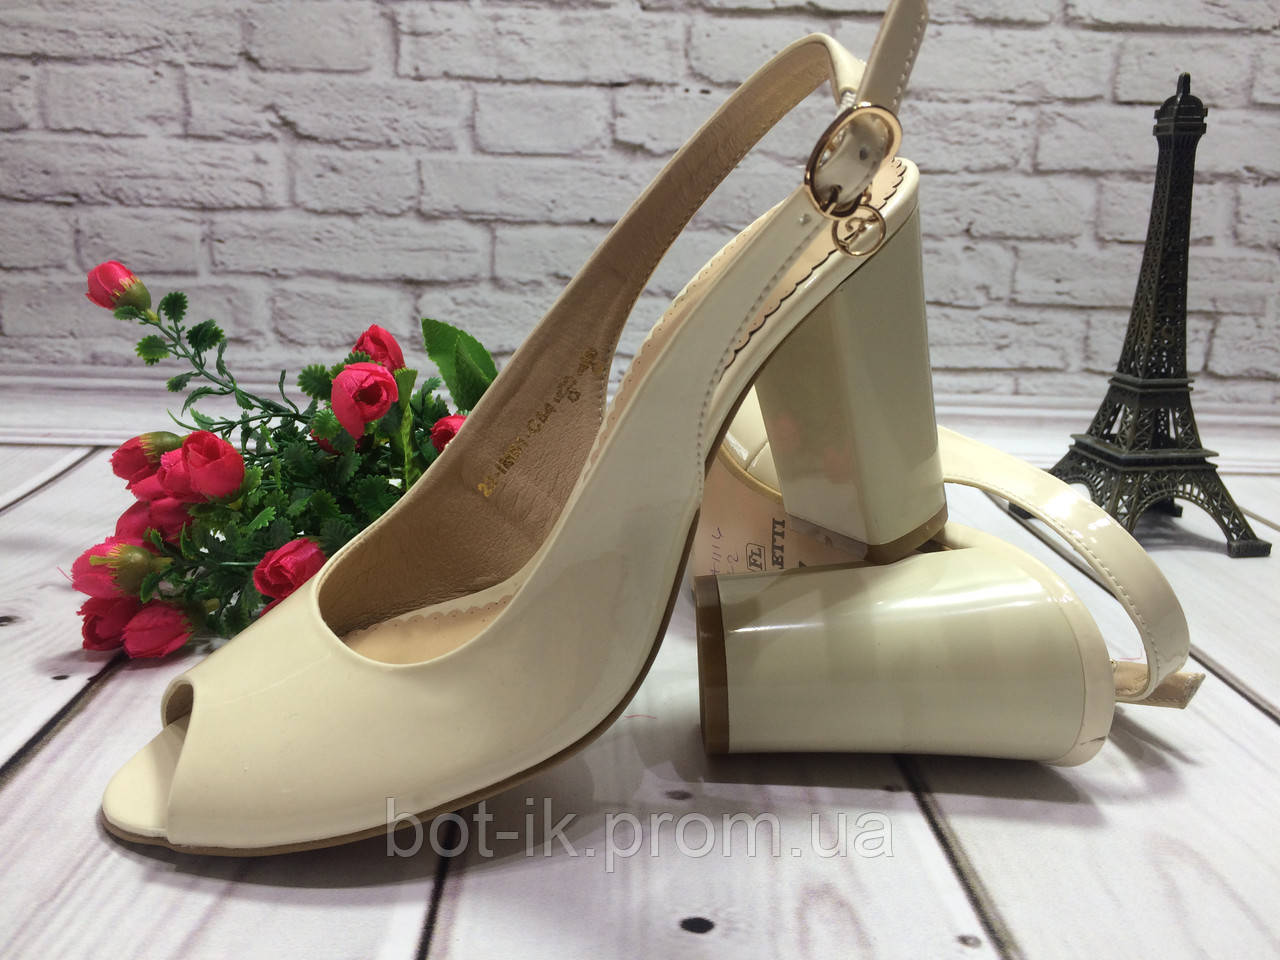 e89a0c3edc3b Классические женские босоножки на устойчивом каблуке цвет бежевый лак.